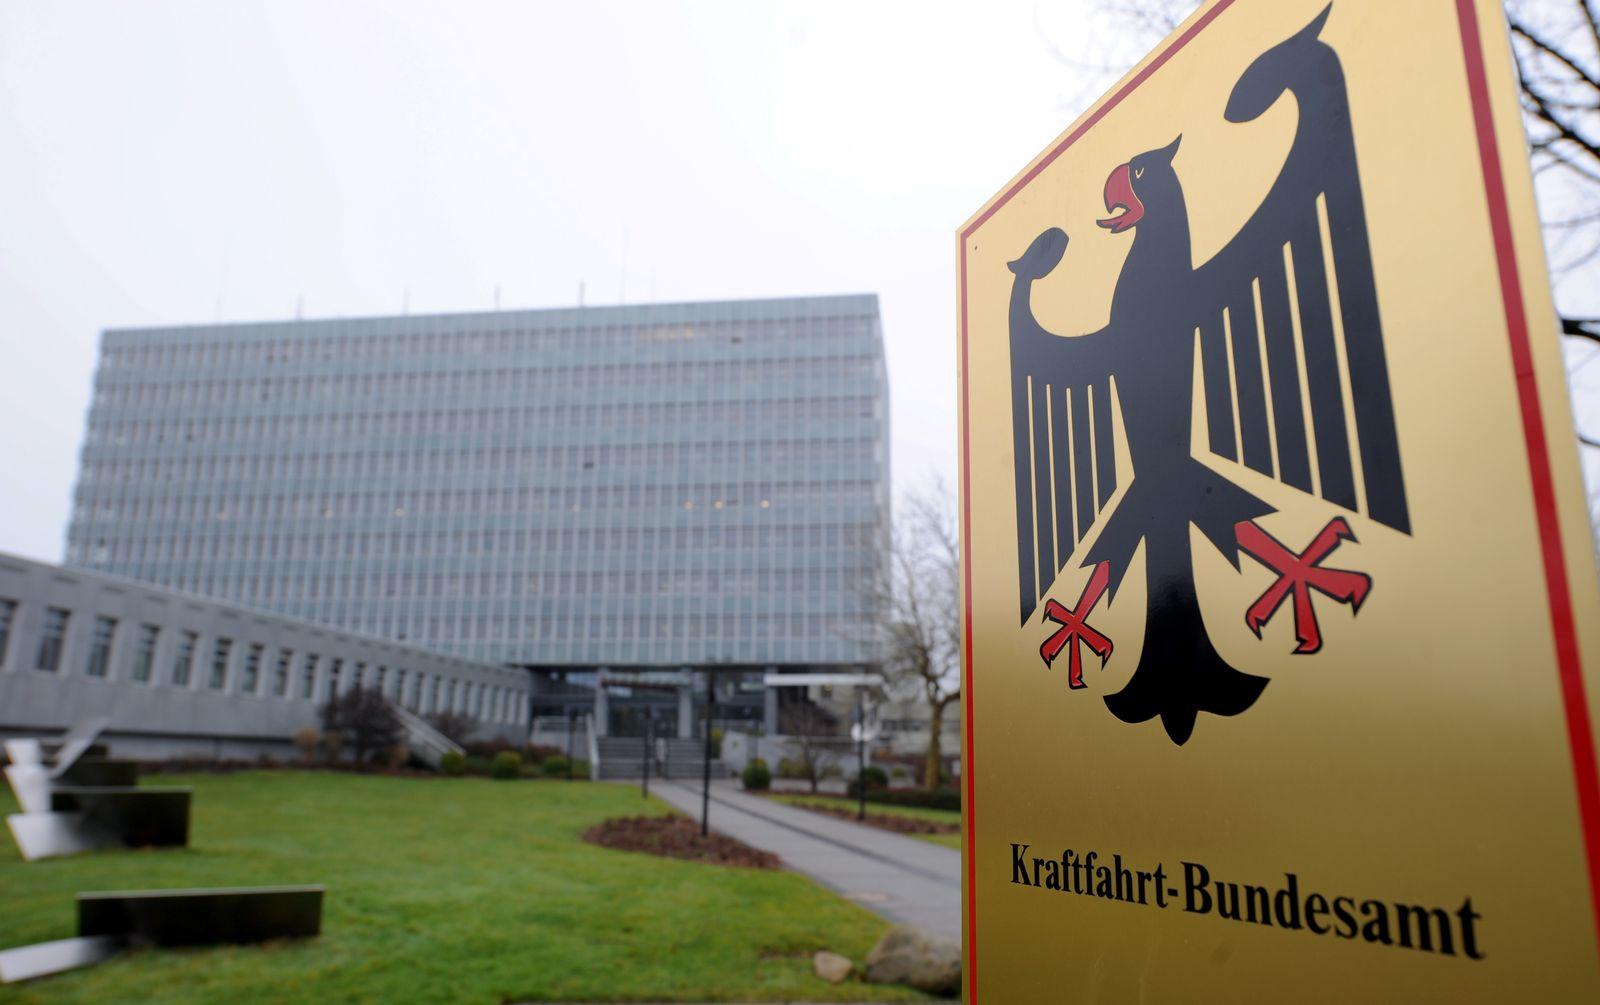 Kraftfahrt-Bundesamt / Flensburg